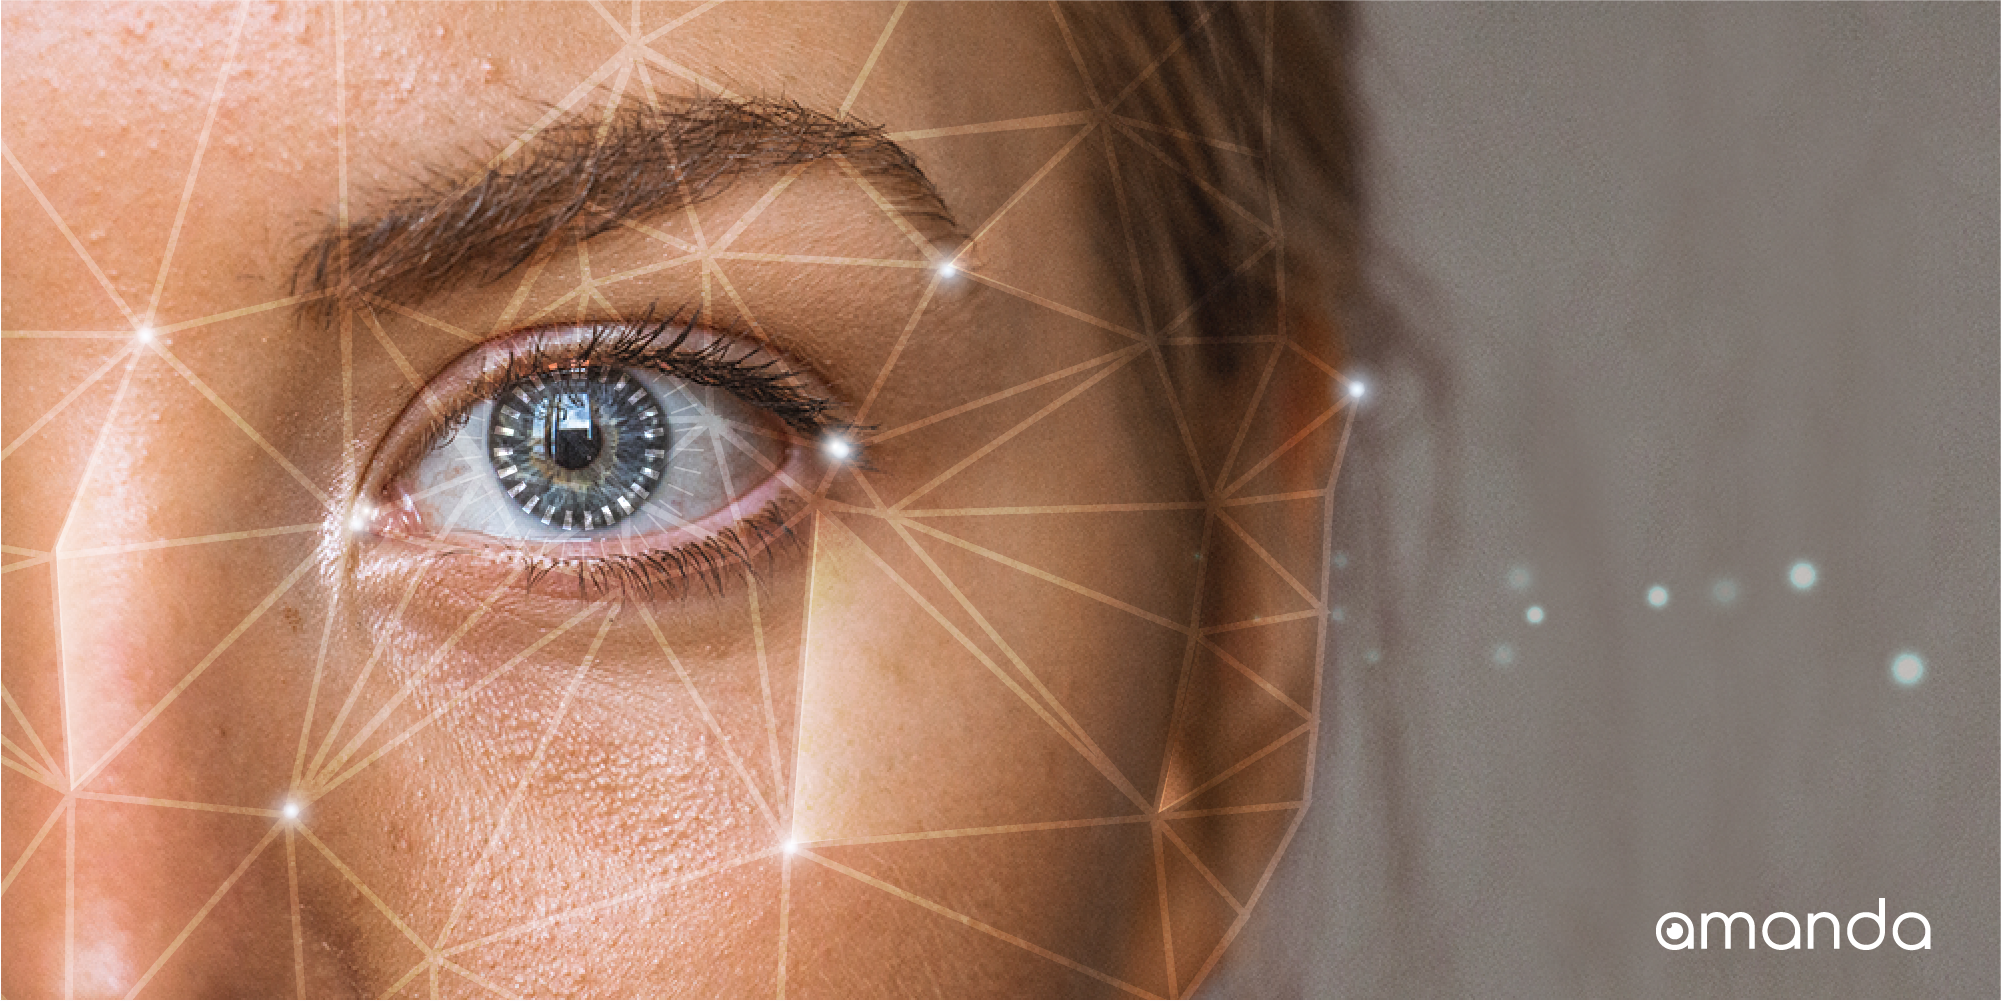 Face The Future: A Brief Introduction of Amanda AI